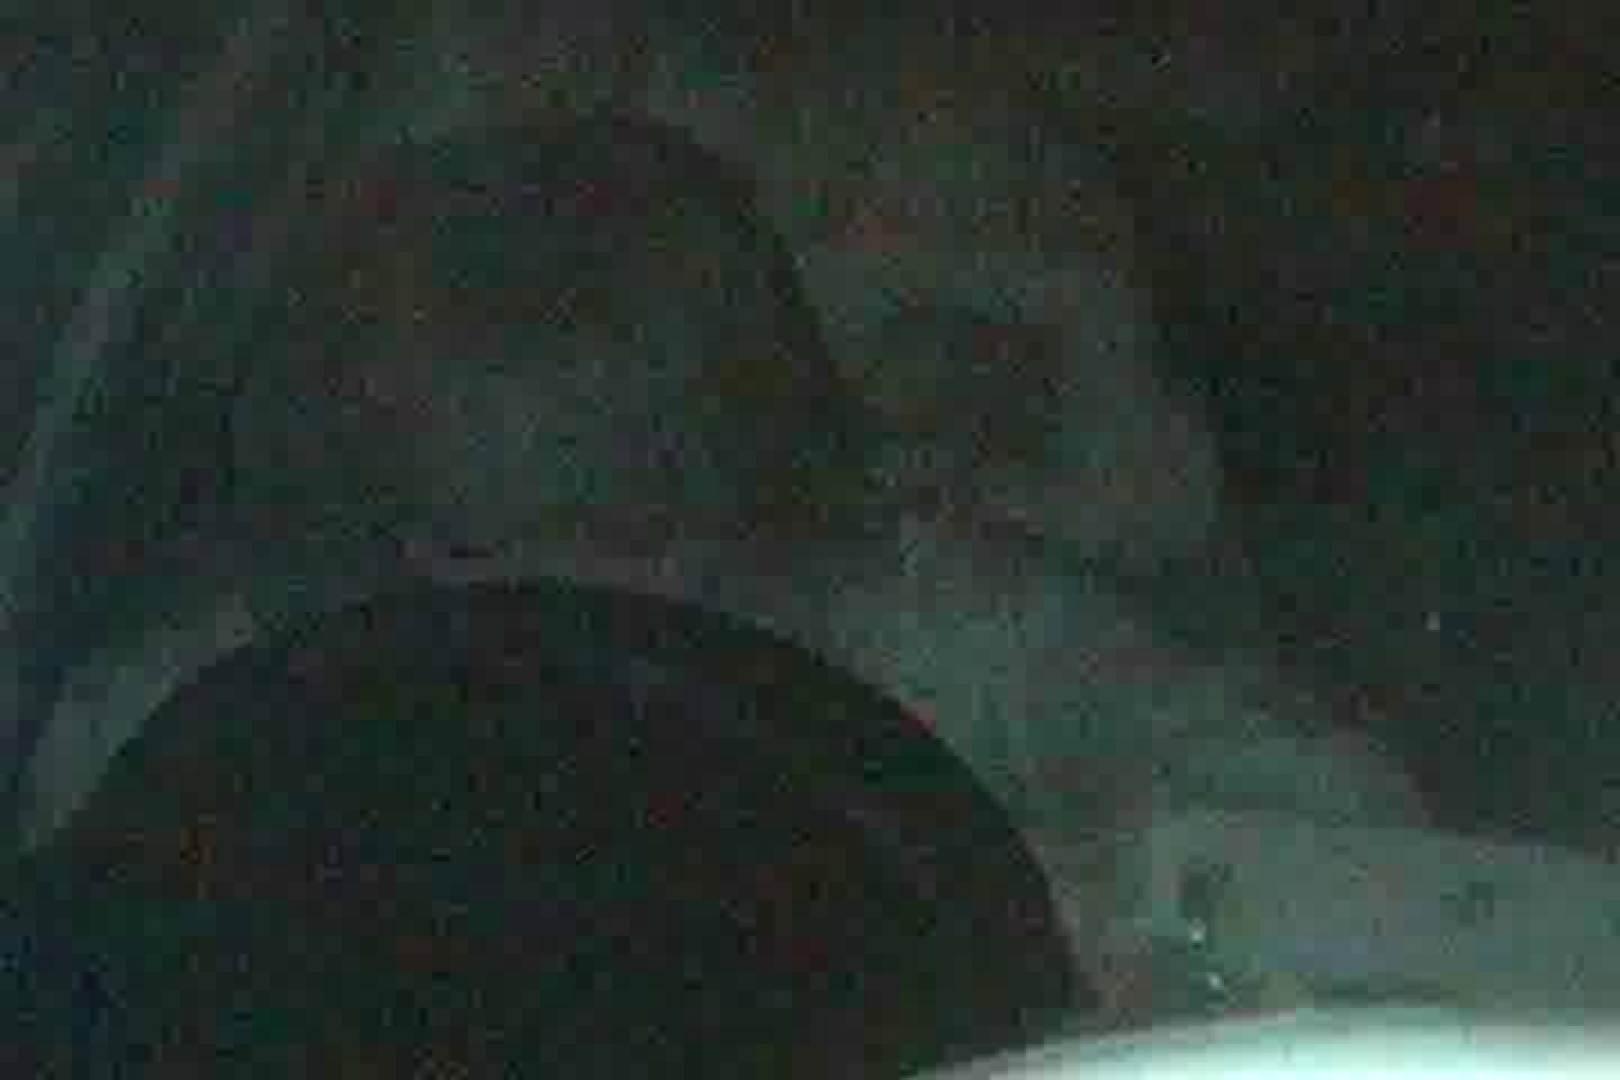 充血監督の深夜の運動会Vol.33 OLの実態 盗撮動画紹介 89pic 47